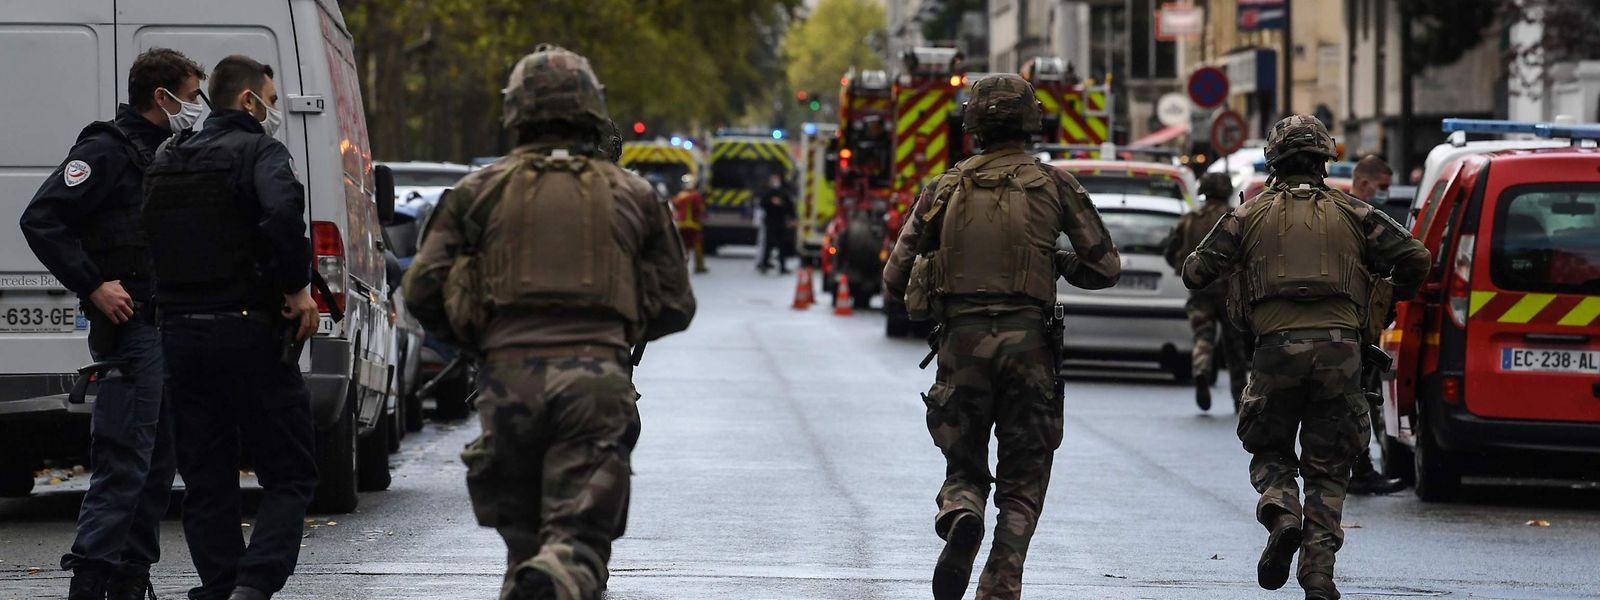 Soldaten laufen zum Tatort im elften Arrondissement.